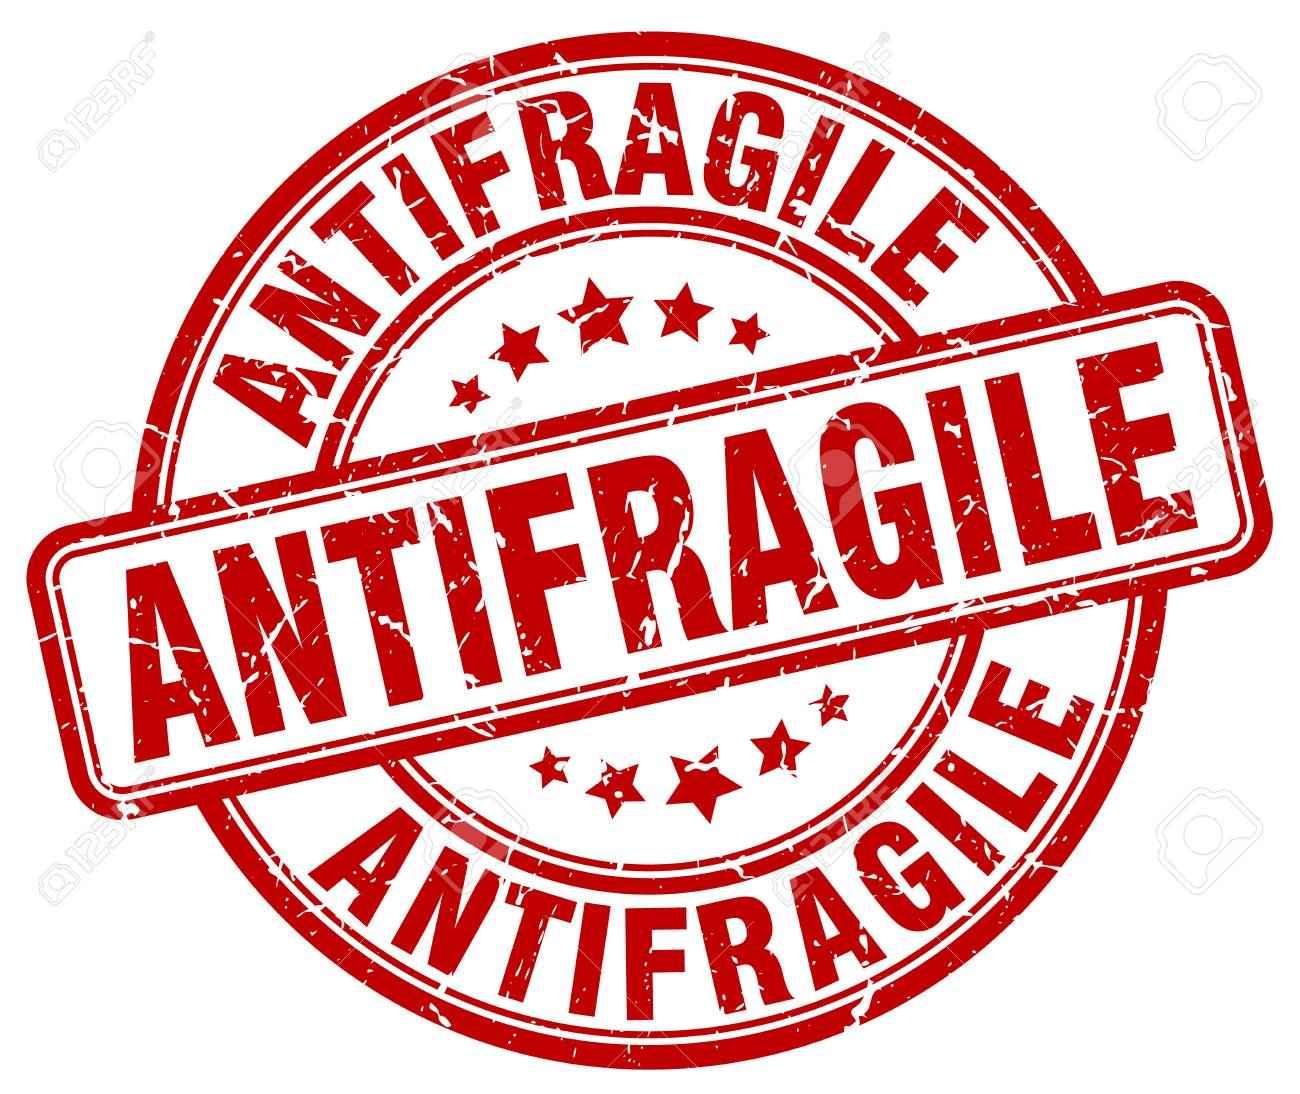 antifragile1.jpg